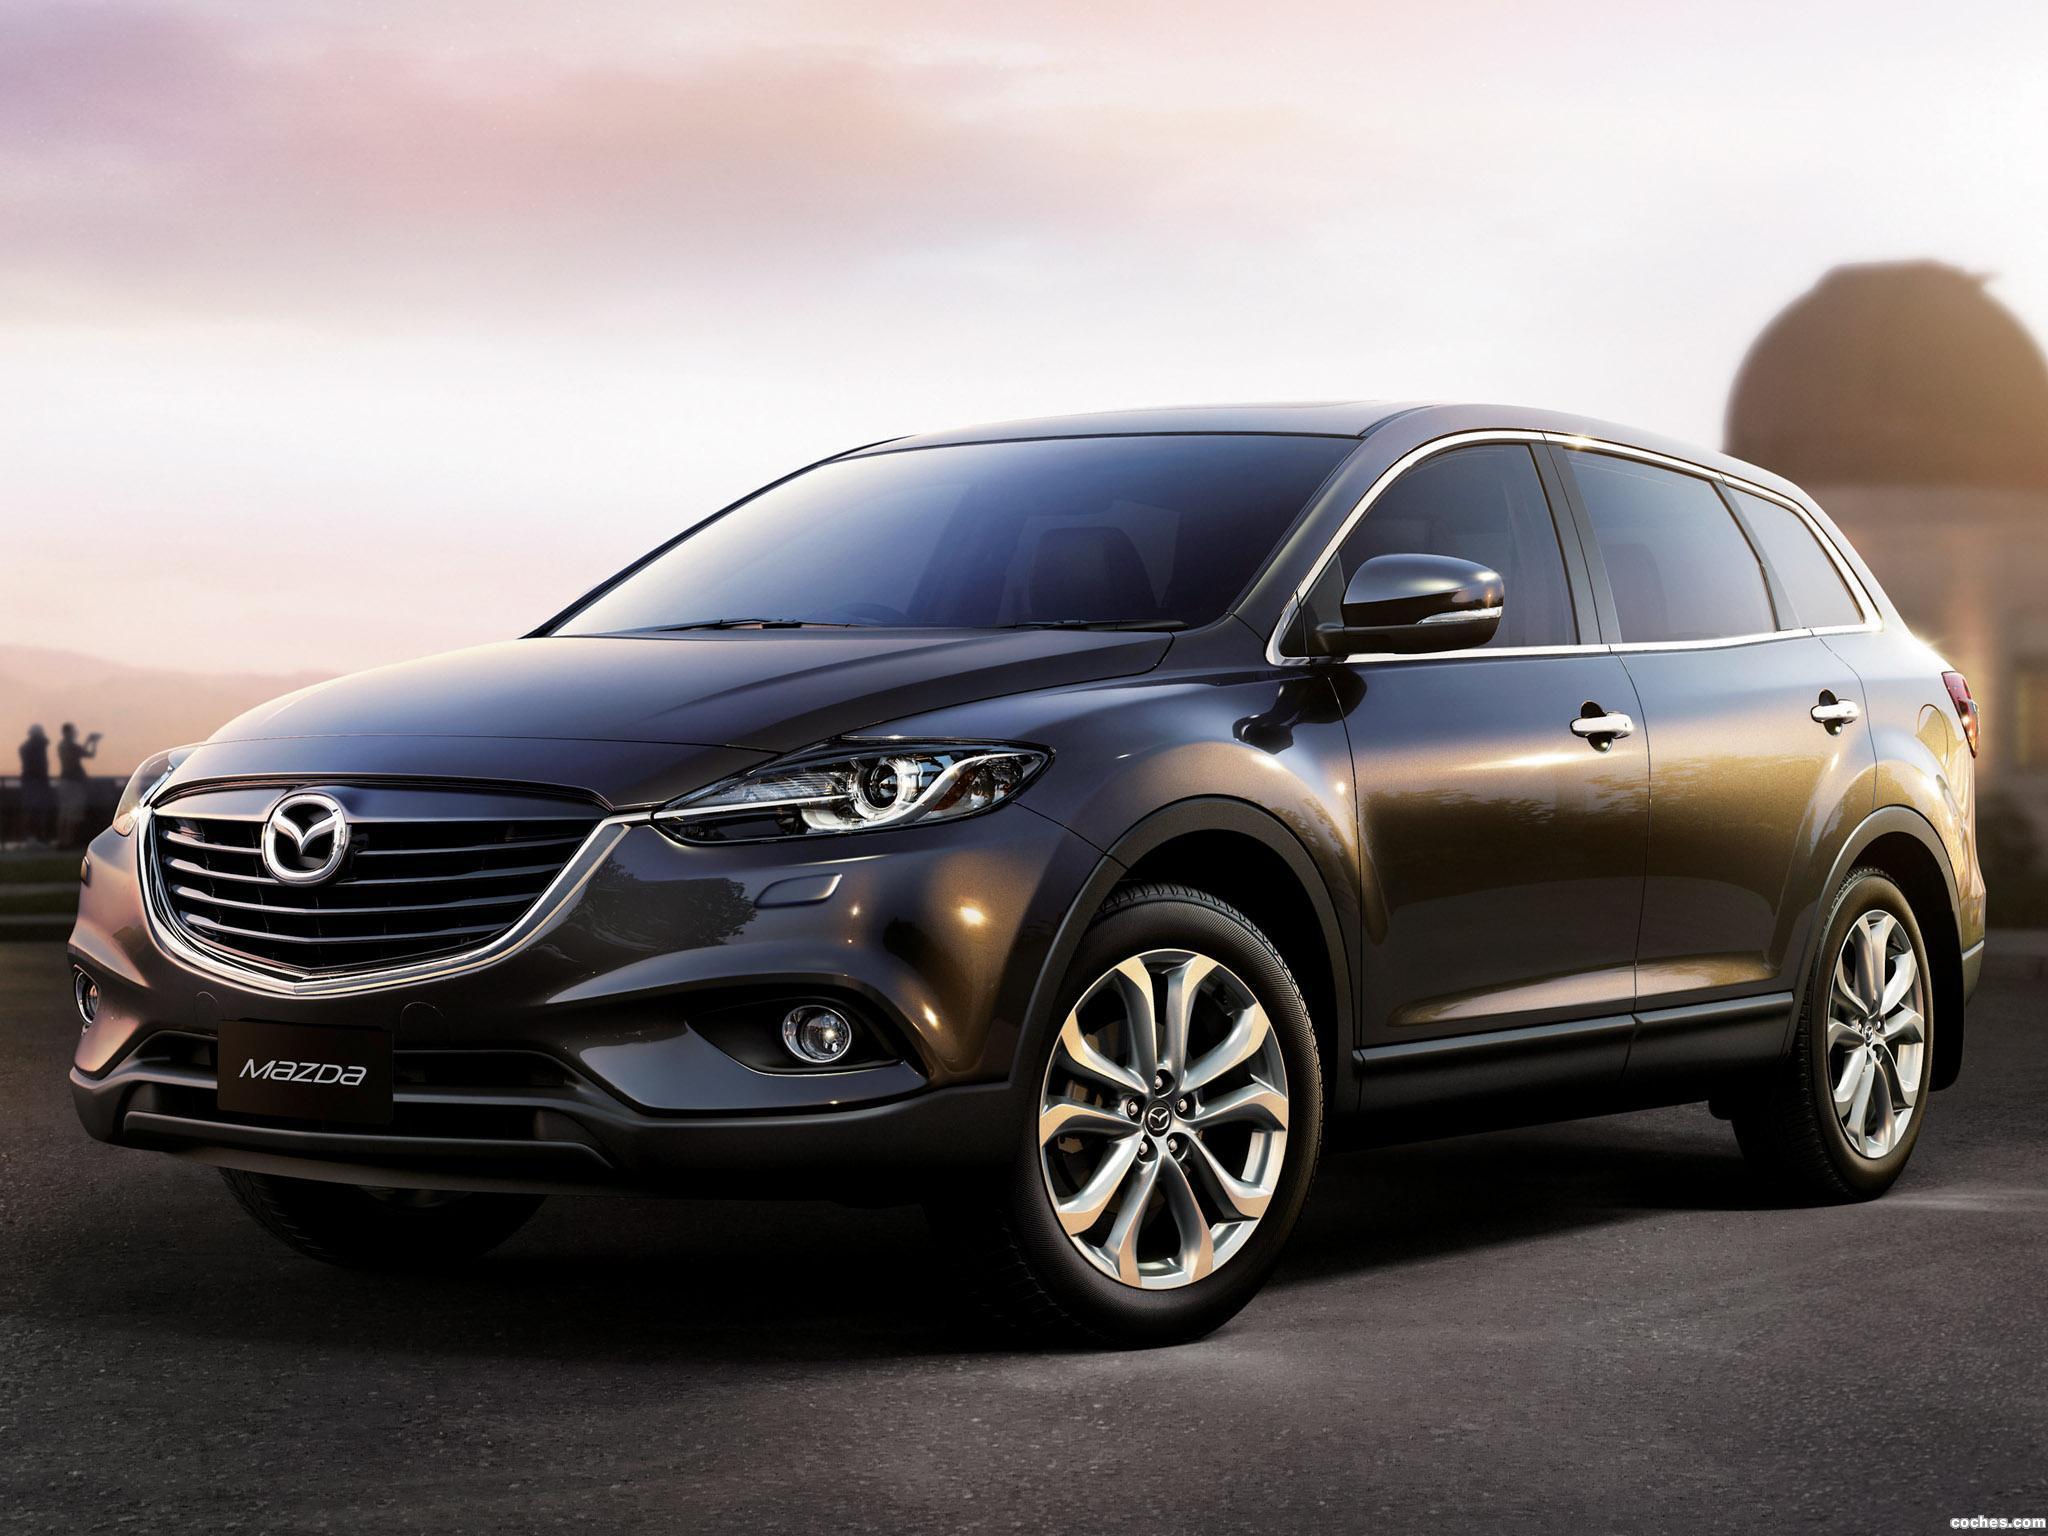 Foto 0 de Mazda CX-9 2013